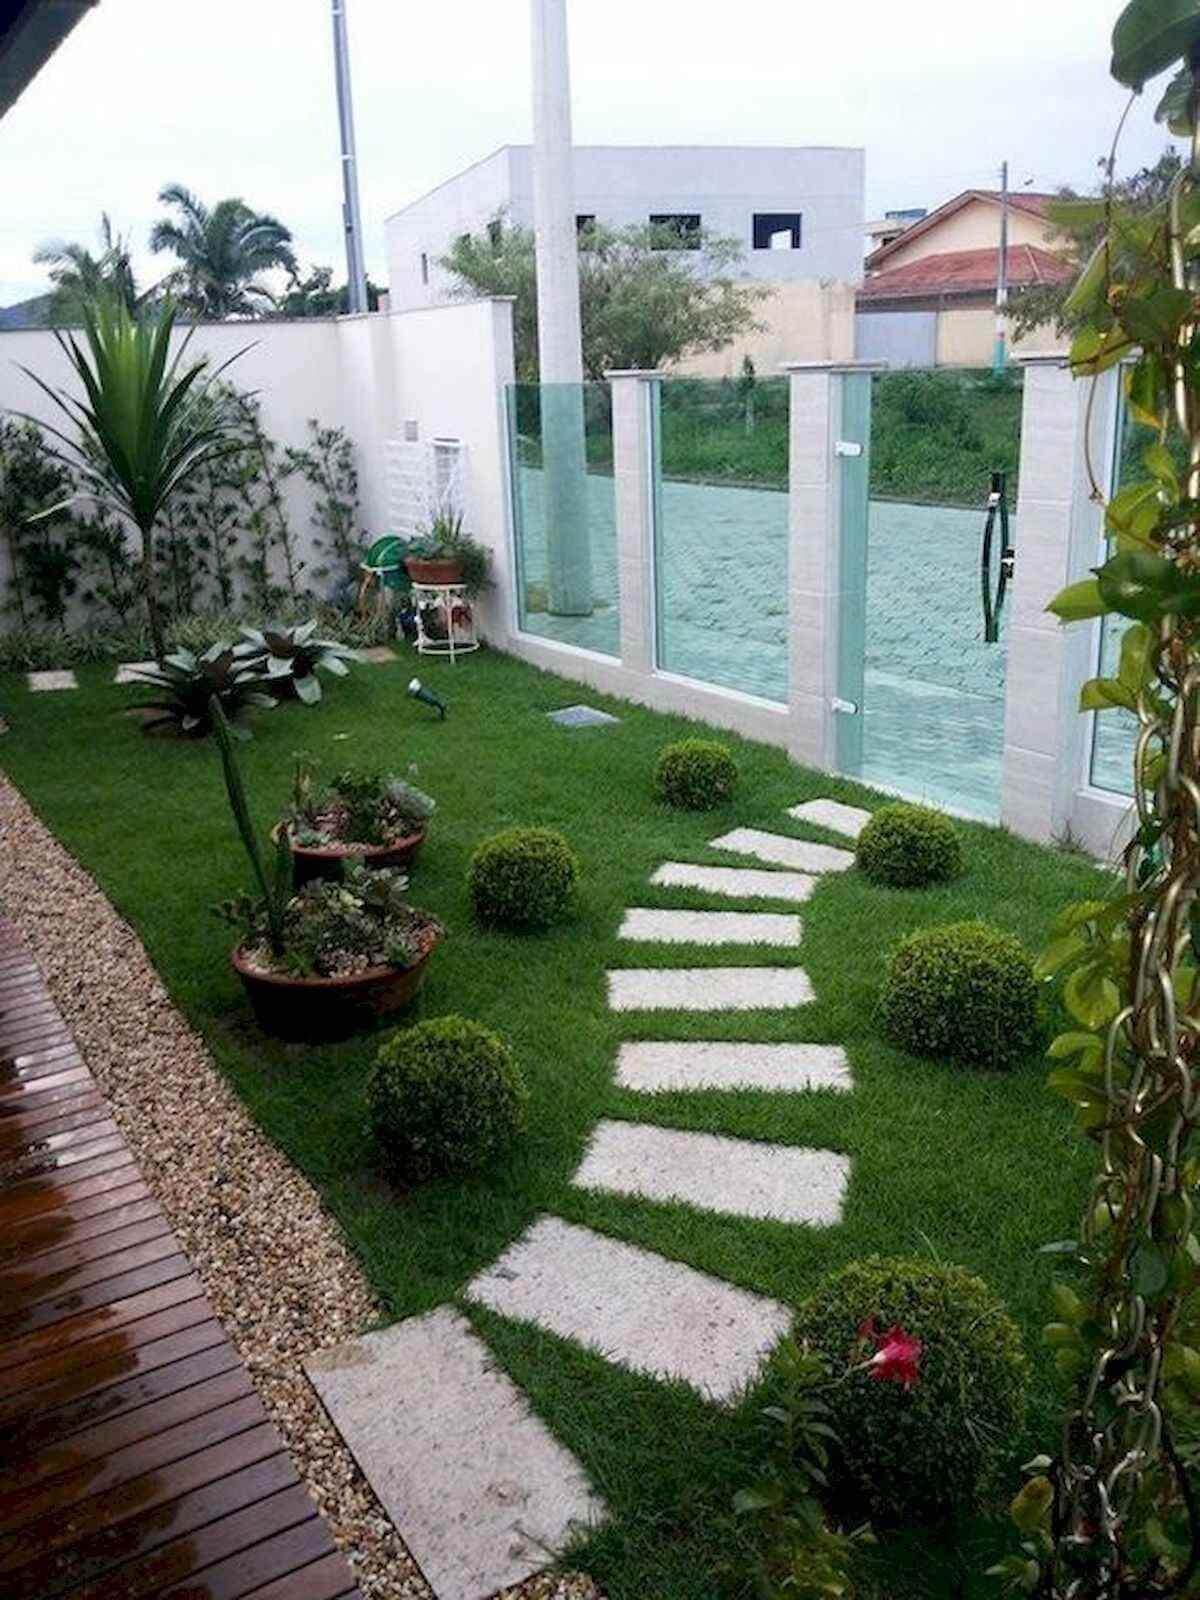 Ideias para jardim simples na entrada de casa